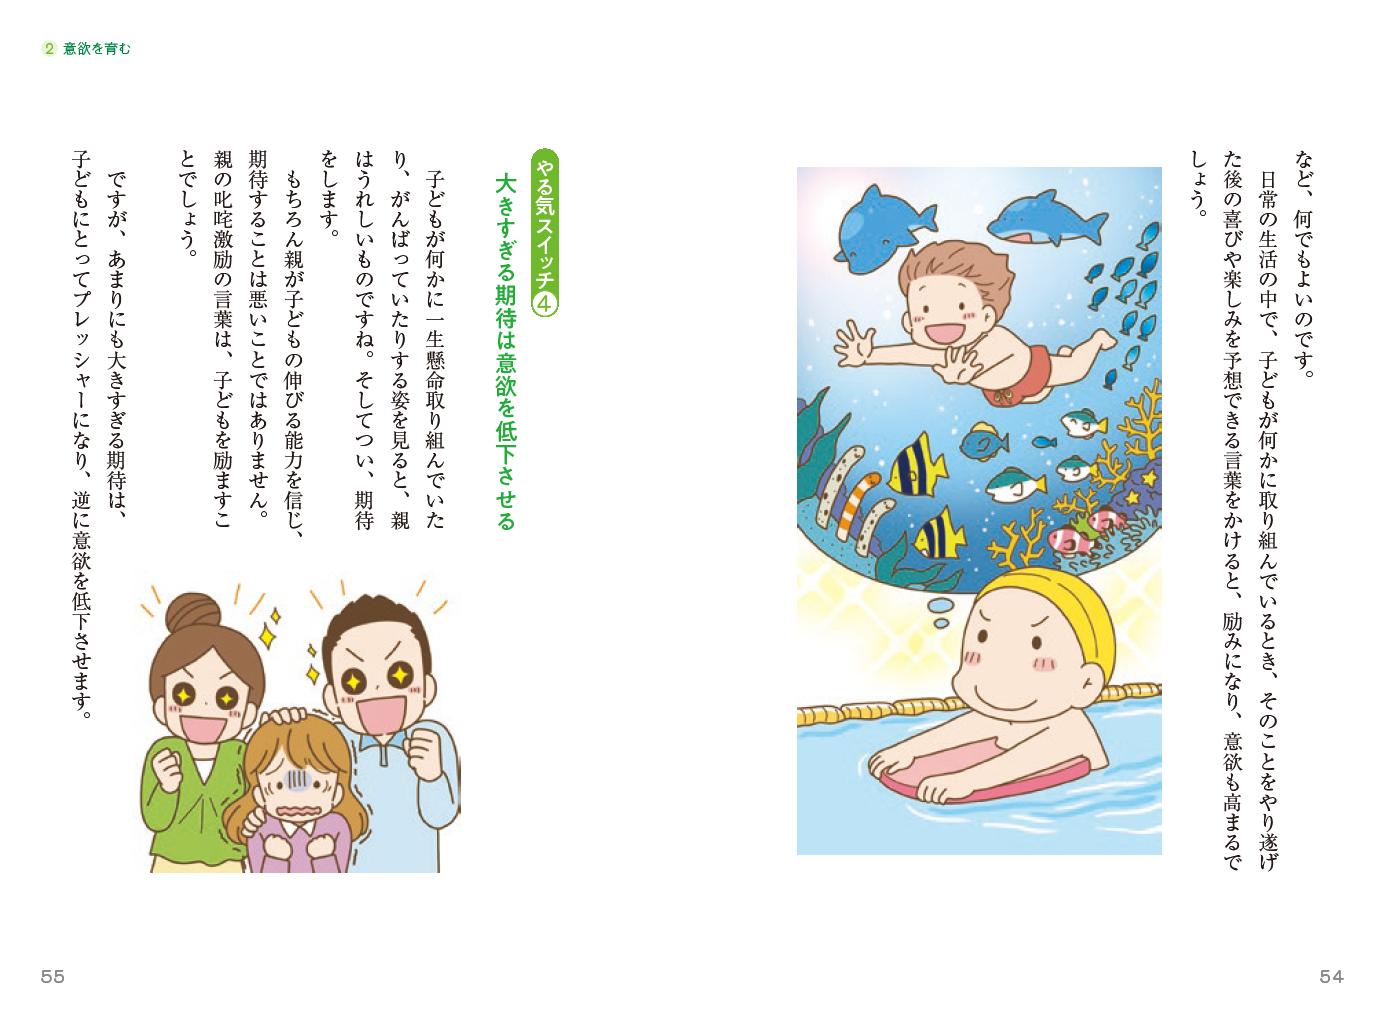 自尊感情を育みながら、子どもの心が大きく成長するポイント3つの画像5